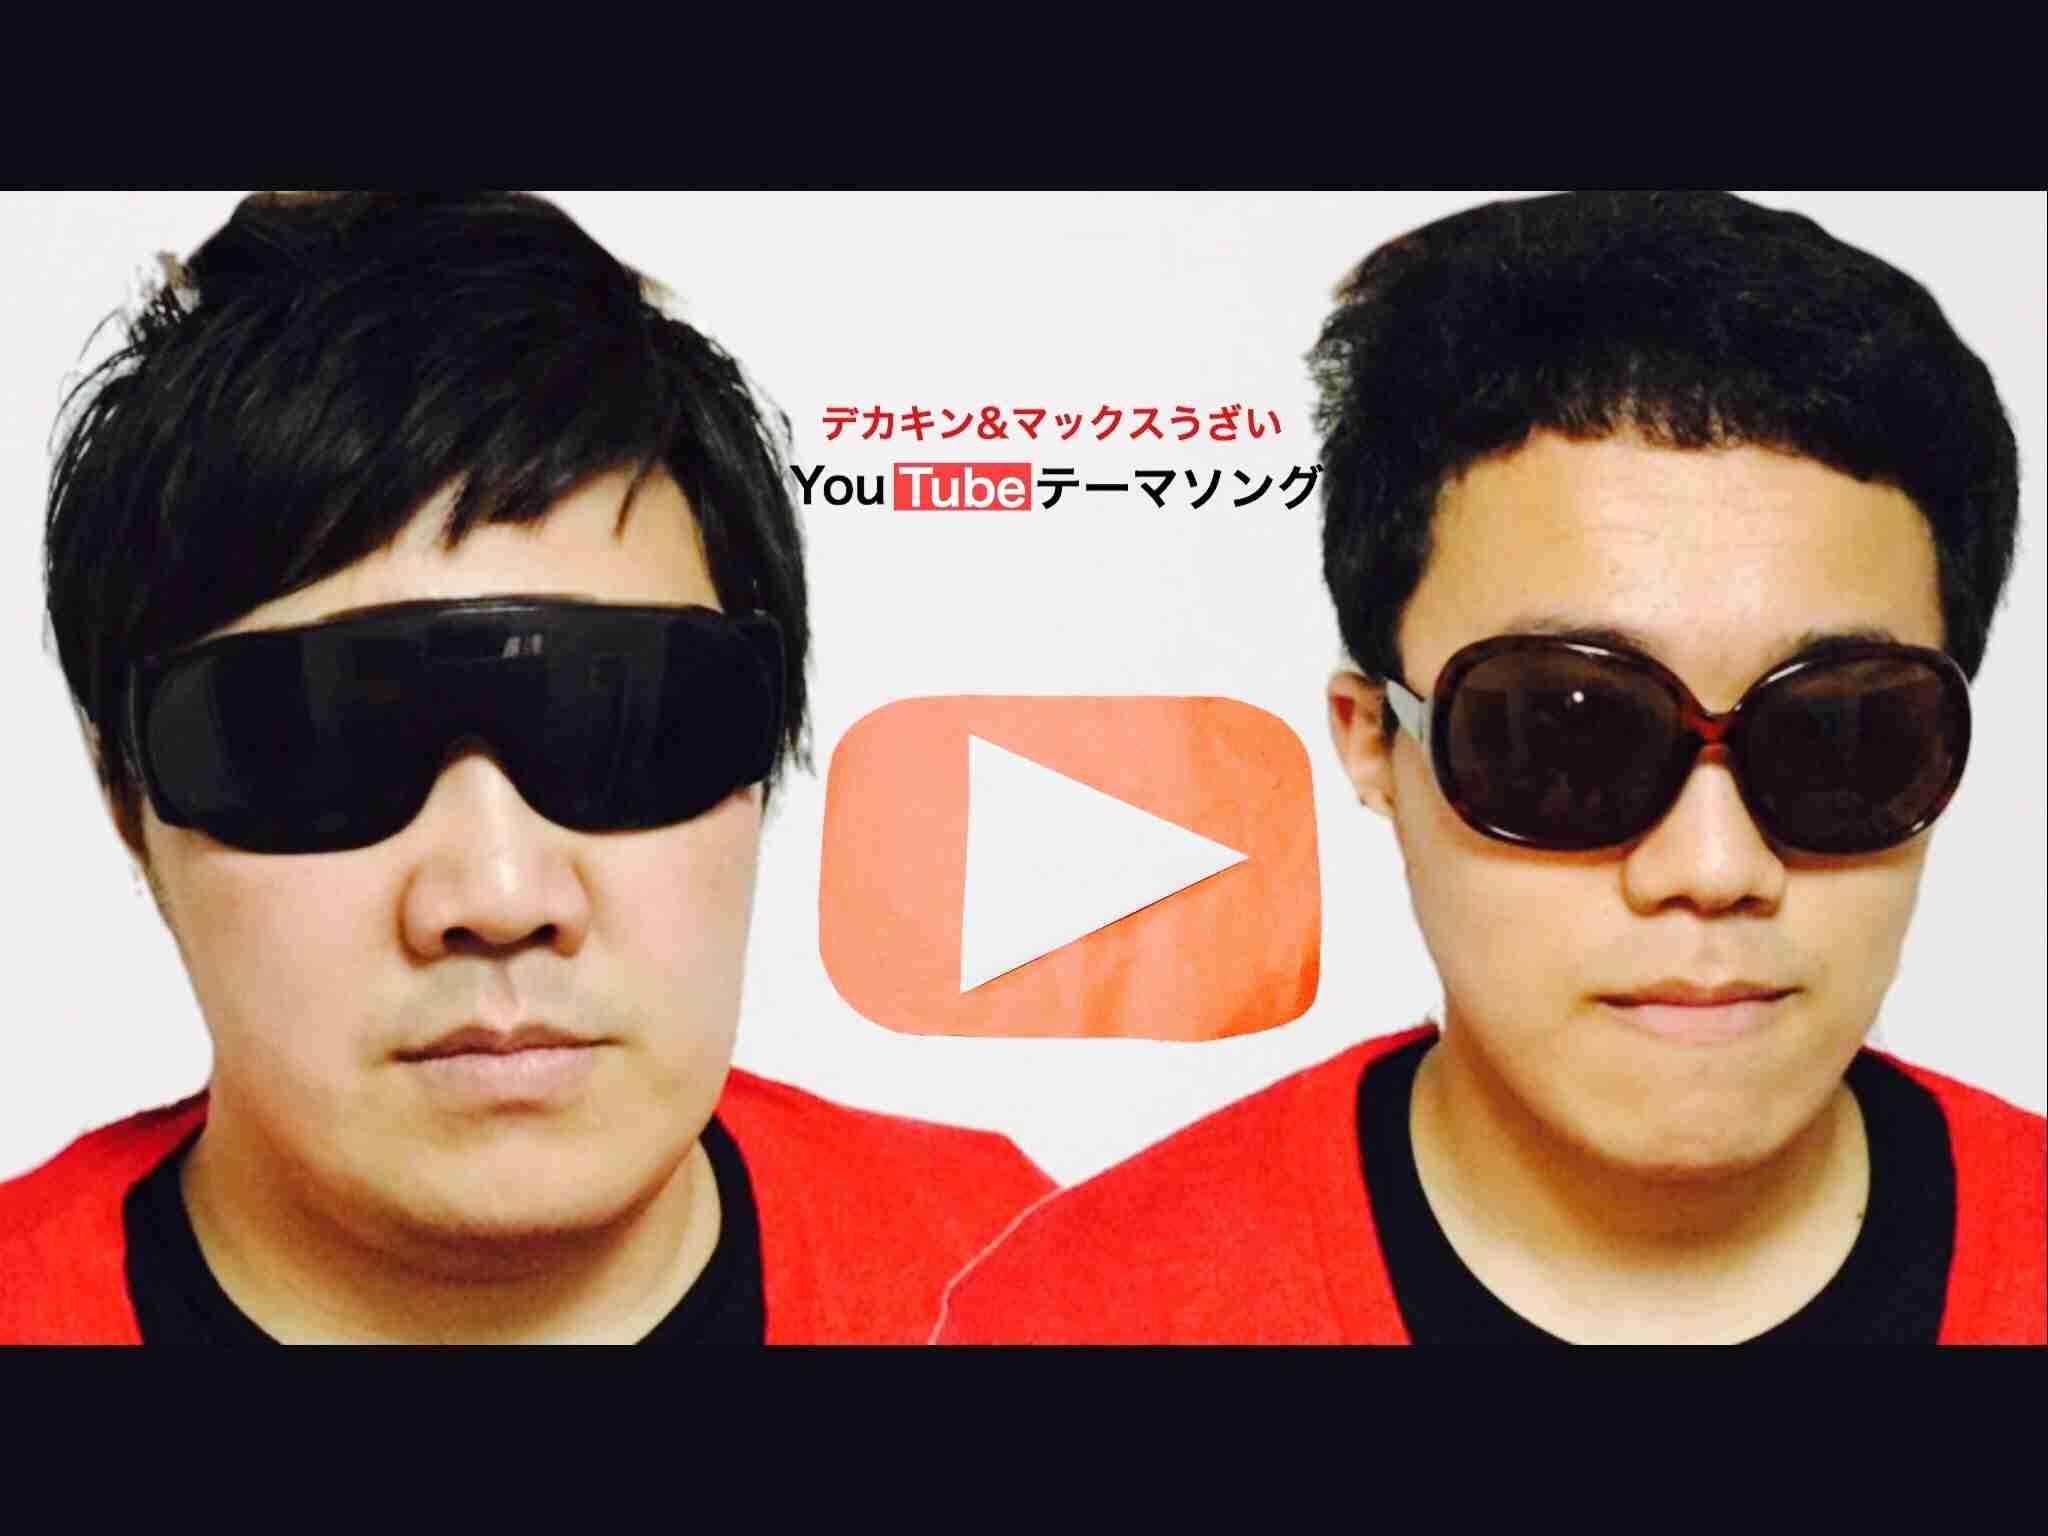 YouTubeテーマソング/デカキン&マックスうざい(頑張ってモノマネしてみたけど、やっぱり本物の方のようには出来ませんでしたバージョン) - YouTube